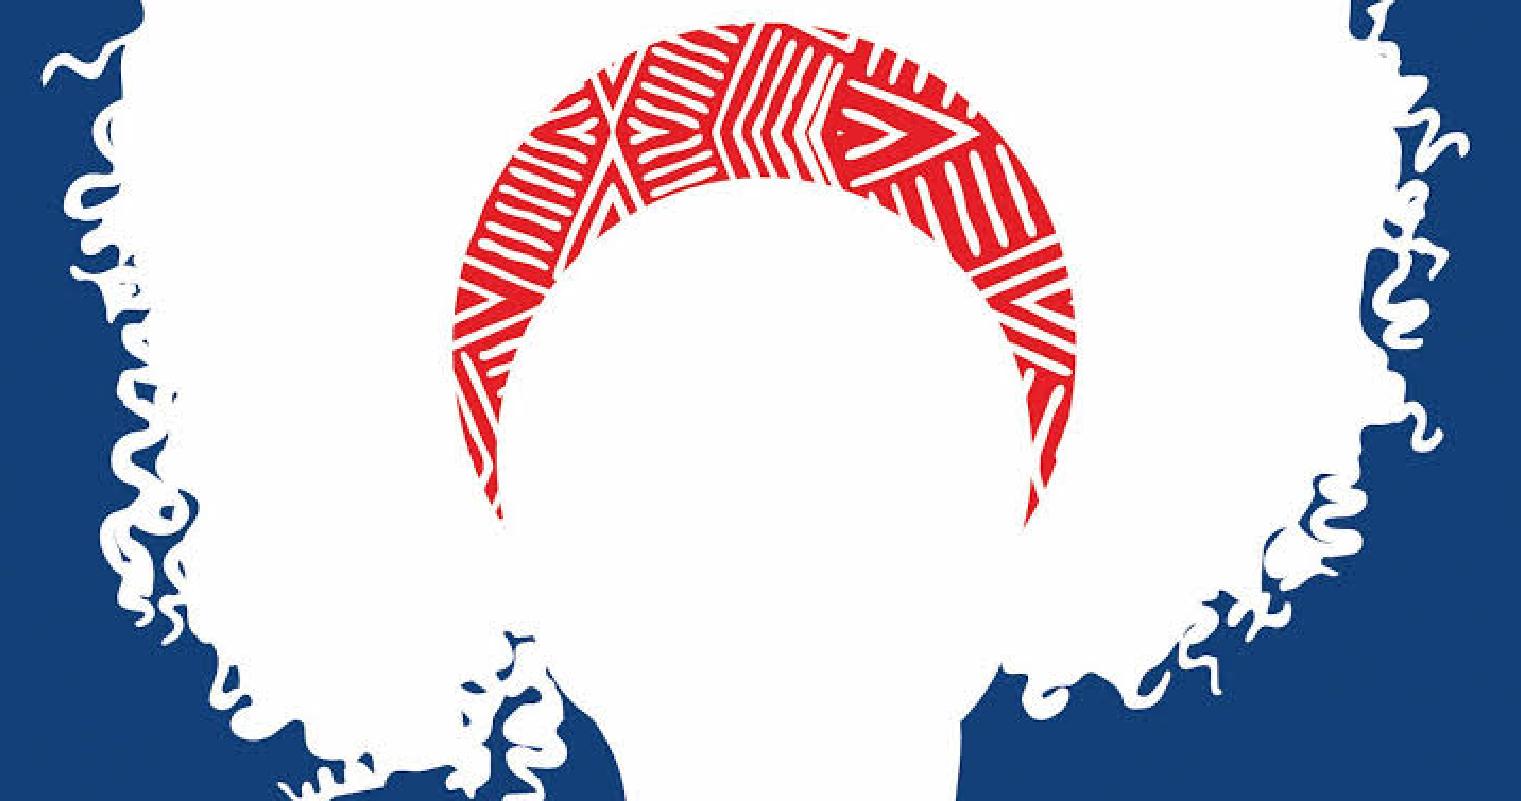 """Capa da edição brasileira de """"Americanah"""", livro de Chimamanda Ngozi Adichie"""